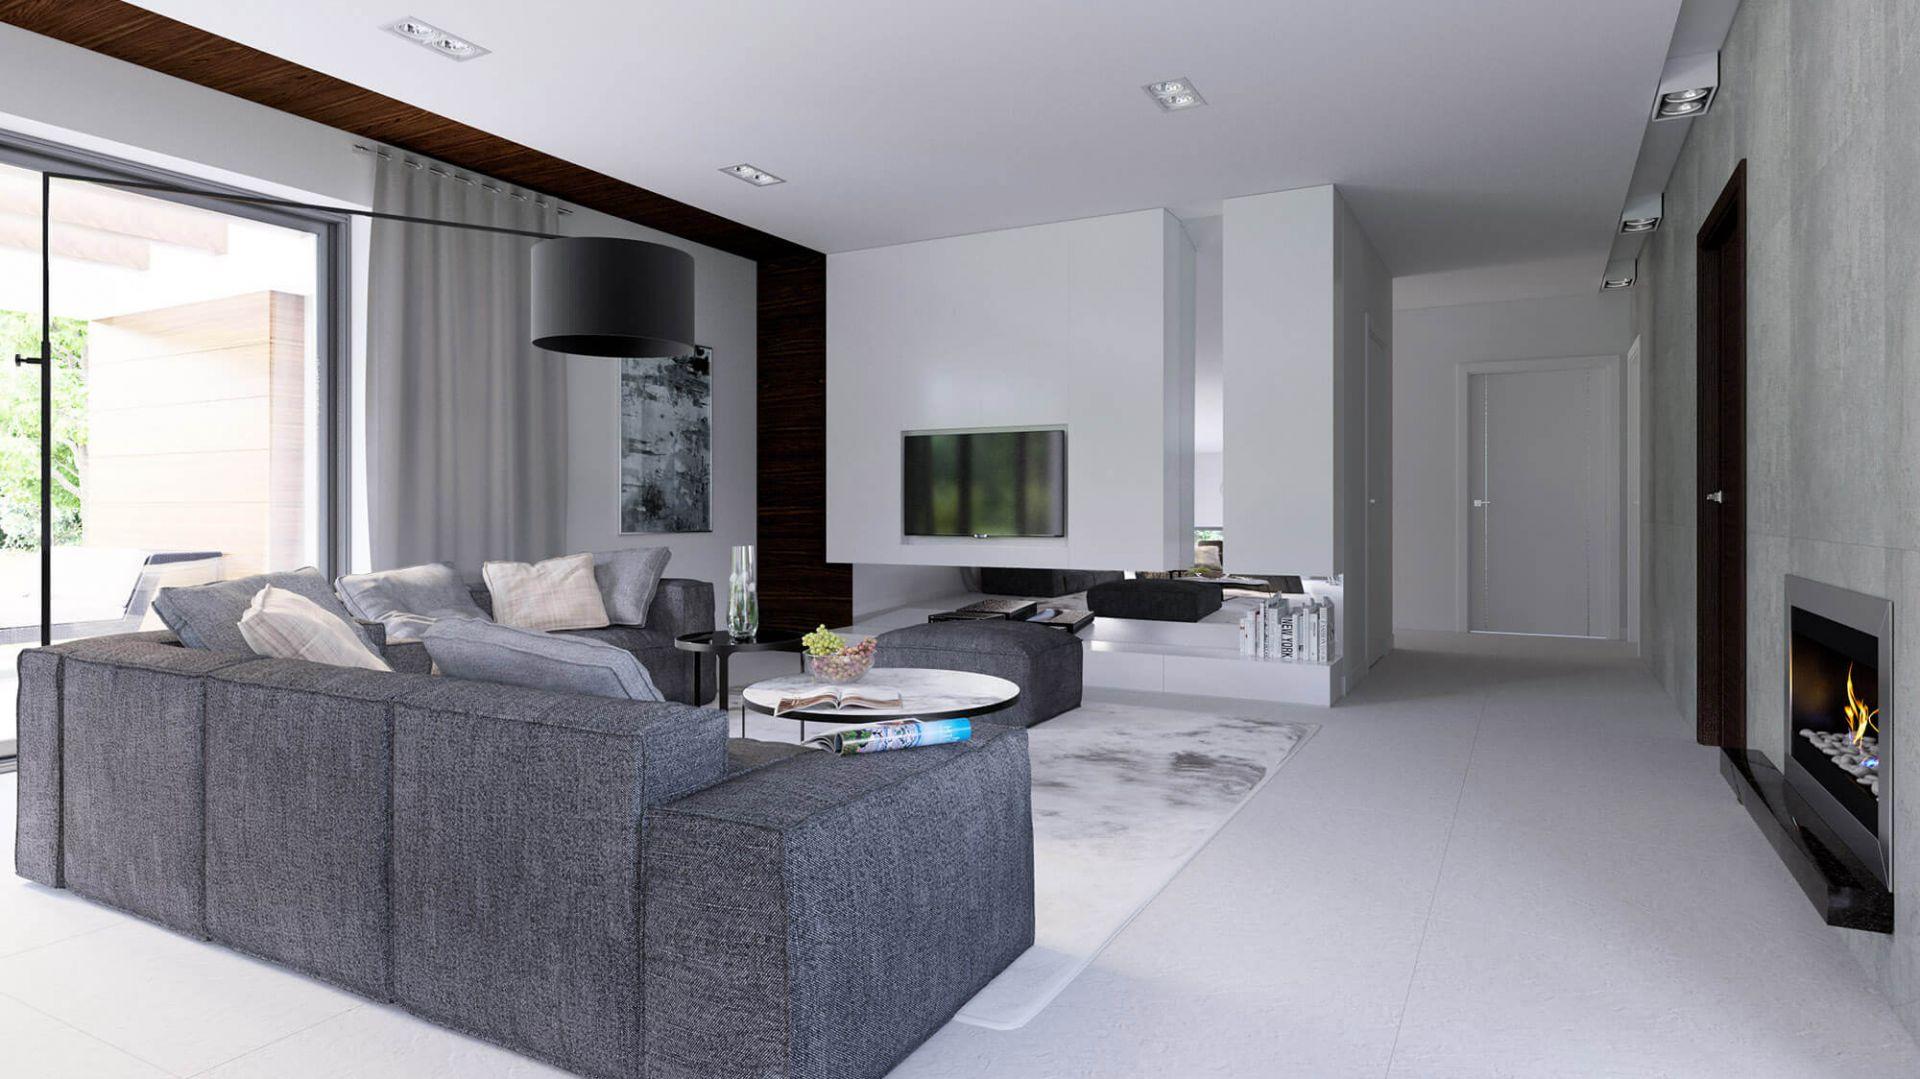 Telewizor, kominek i wygodne sofy tworzą doskonałe miejsce na wieczorny relaks. Fot. HomeKONCEPT